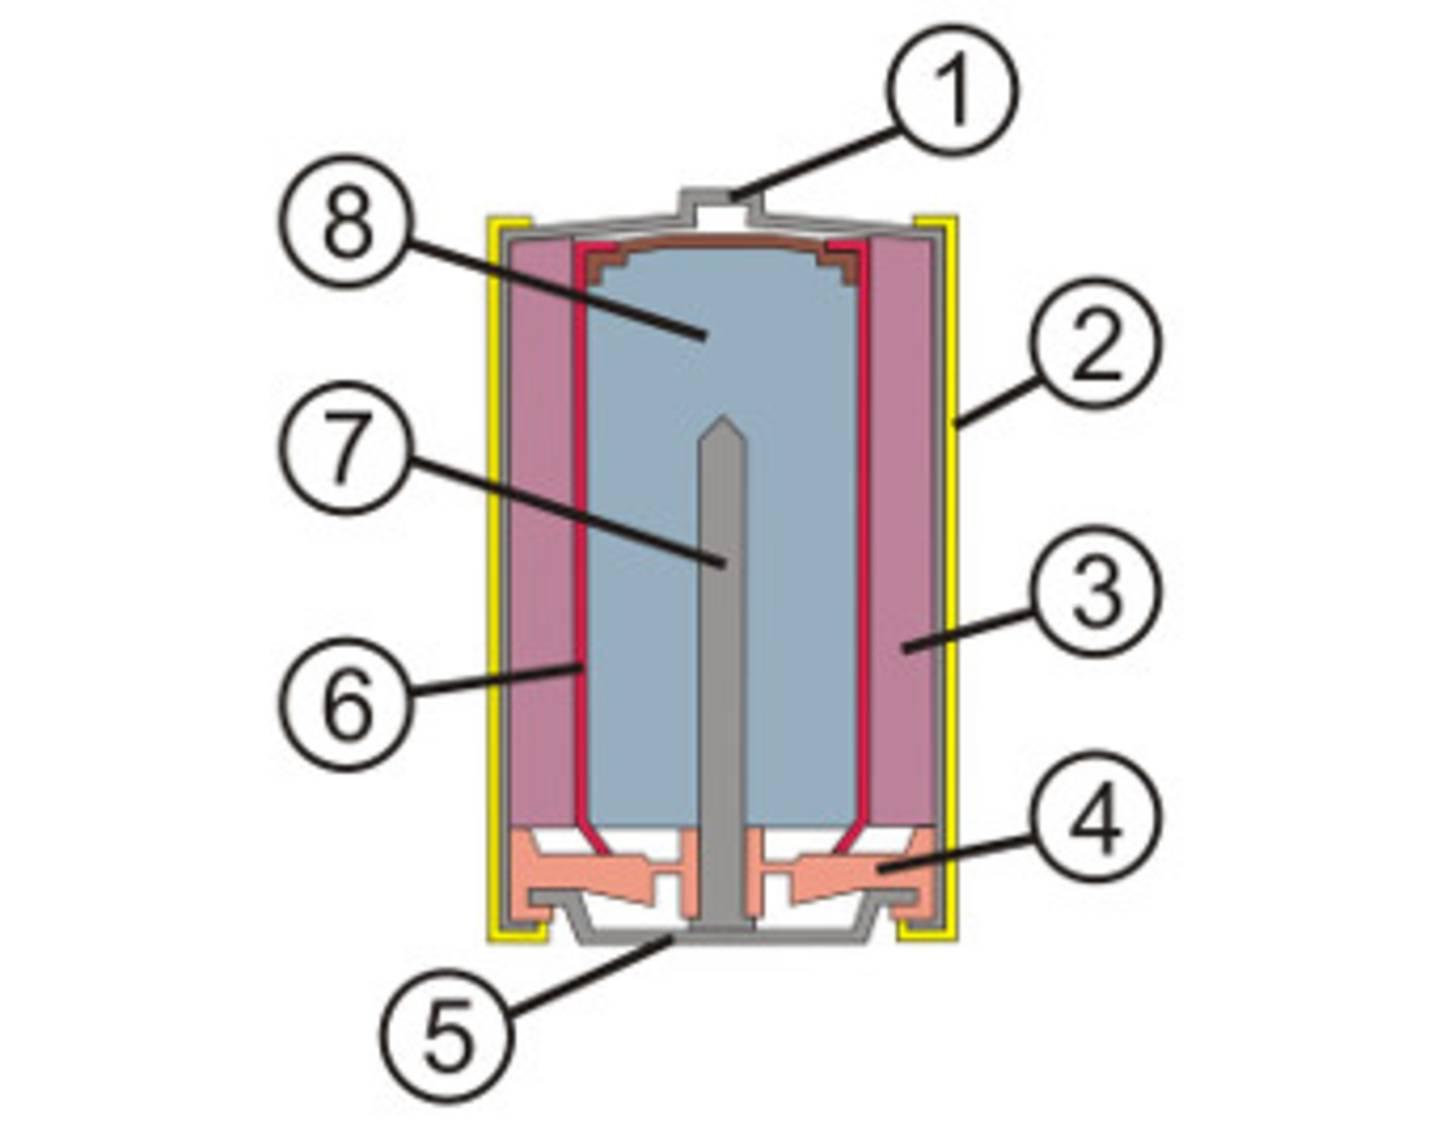 Schnittzeichnung einer Alkaline-Mangan-Batterie